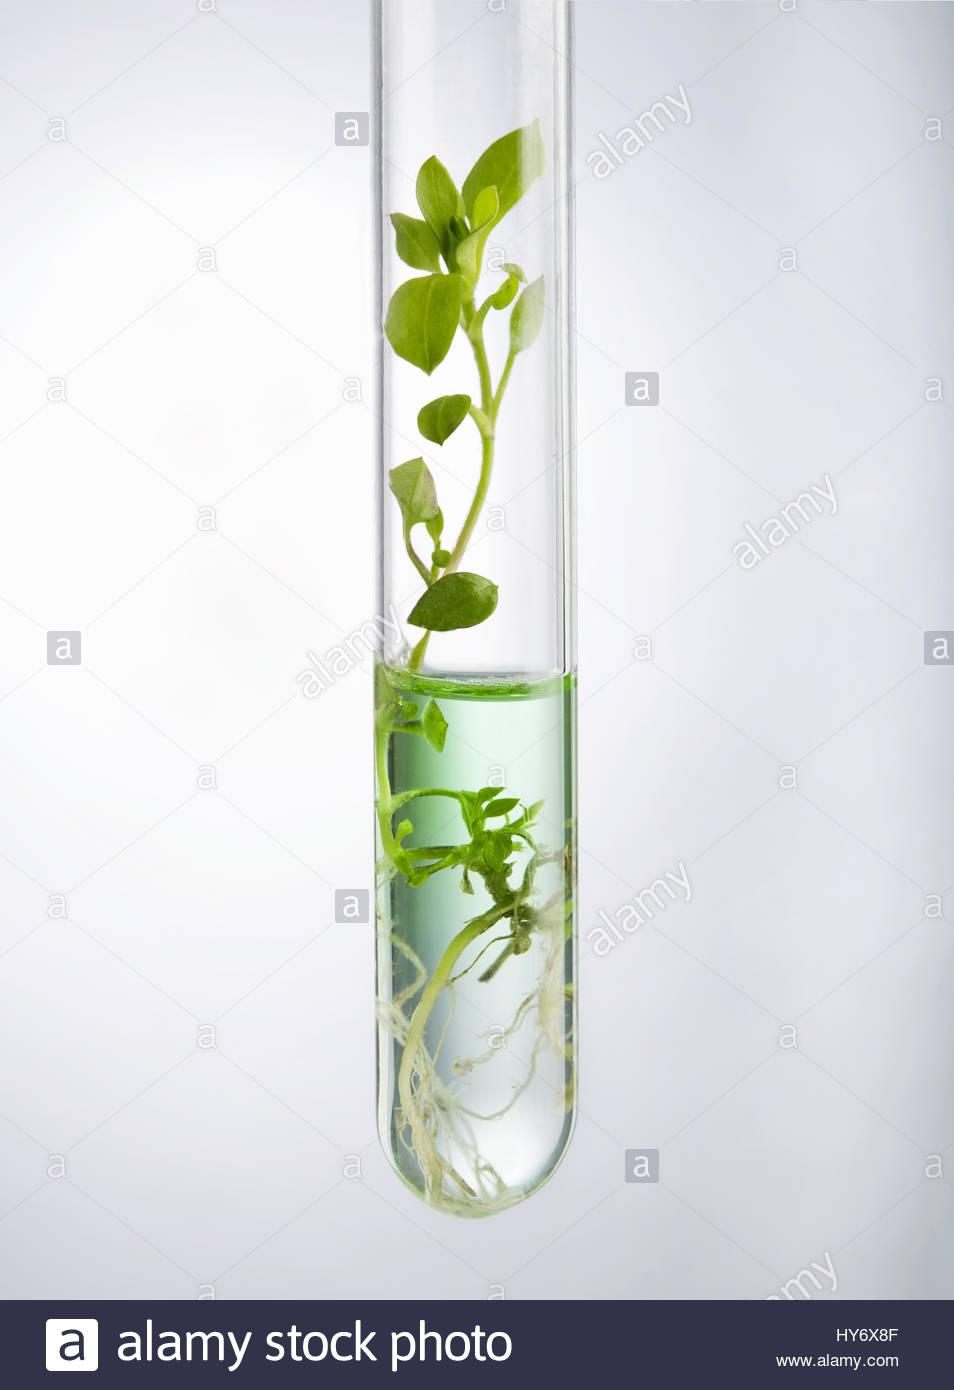 La investigación biotecnológica. Crecimiento de plántulas en el laboratorio realizando experimentos Imagen De Stock